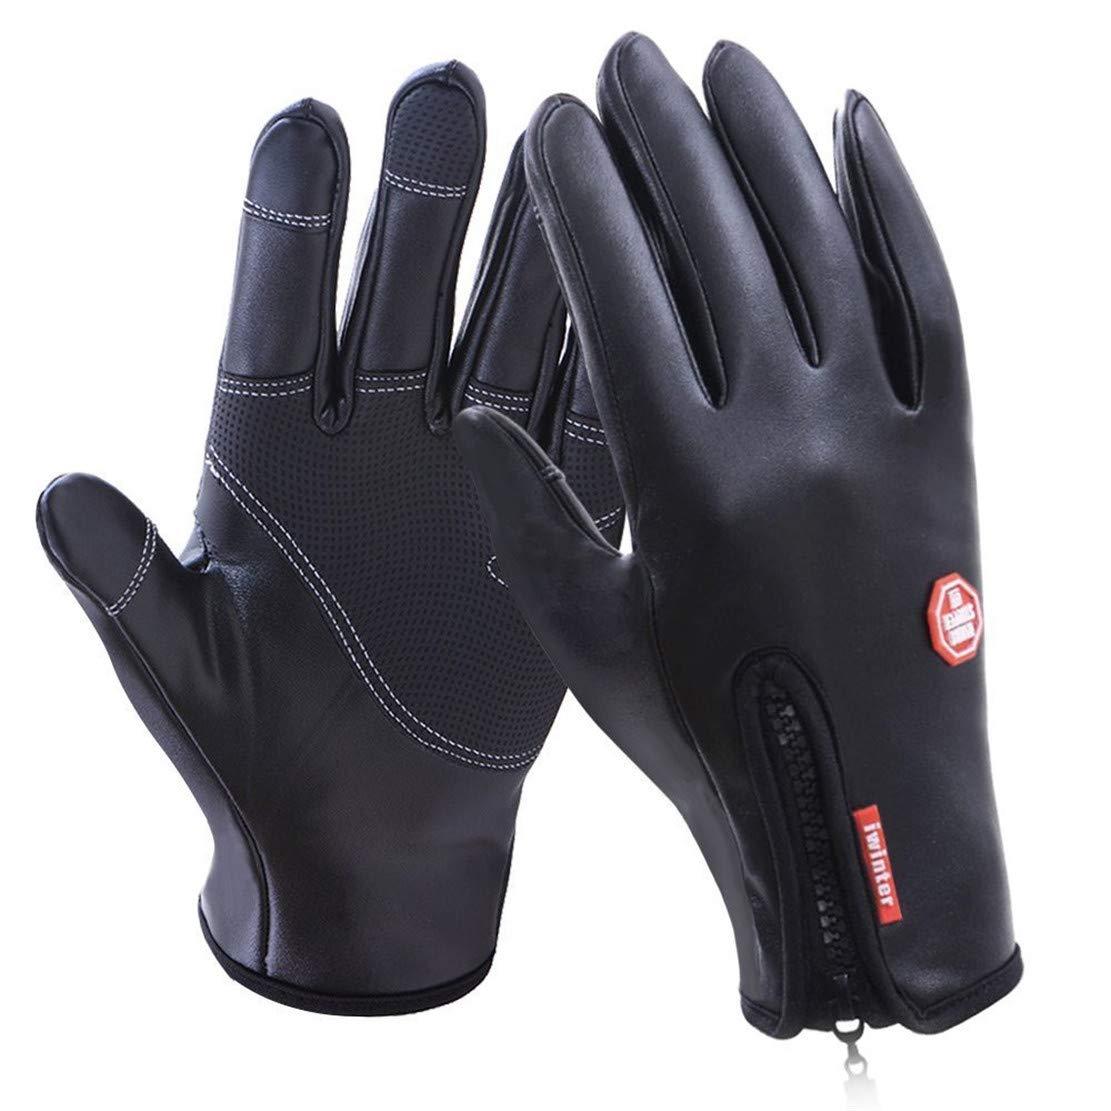 AUPUMI Handschuhe Motorrad, Winter Handschuhe Winddicht Thermische Fü r Mä nner Frauen Ideal fü r Sport Im Fre